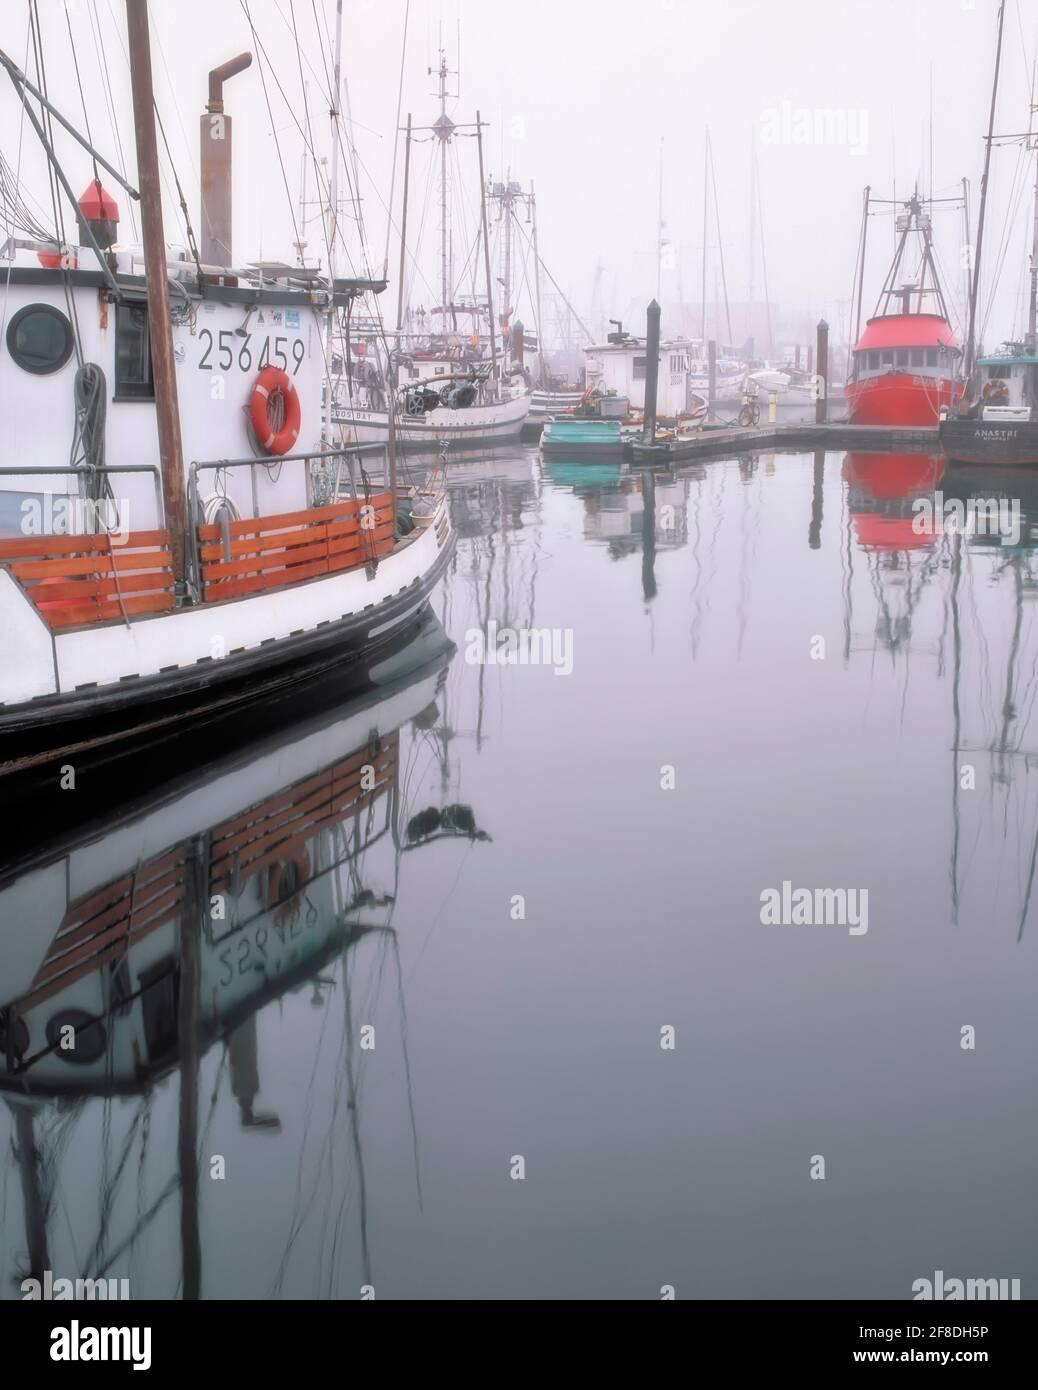 Levantar la niebla matutina revela la flota pesquera comercial en el puerto de Charleston en la costa sur de Oregón, cerca de la bahía de Coos. Foto de stock